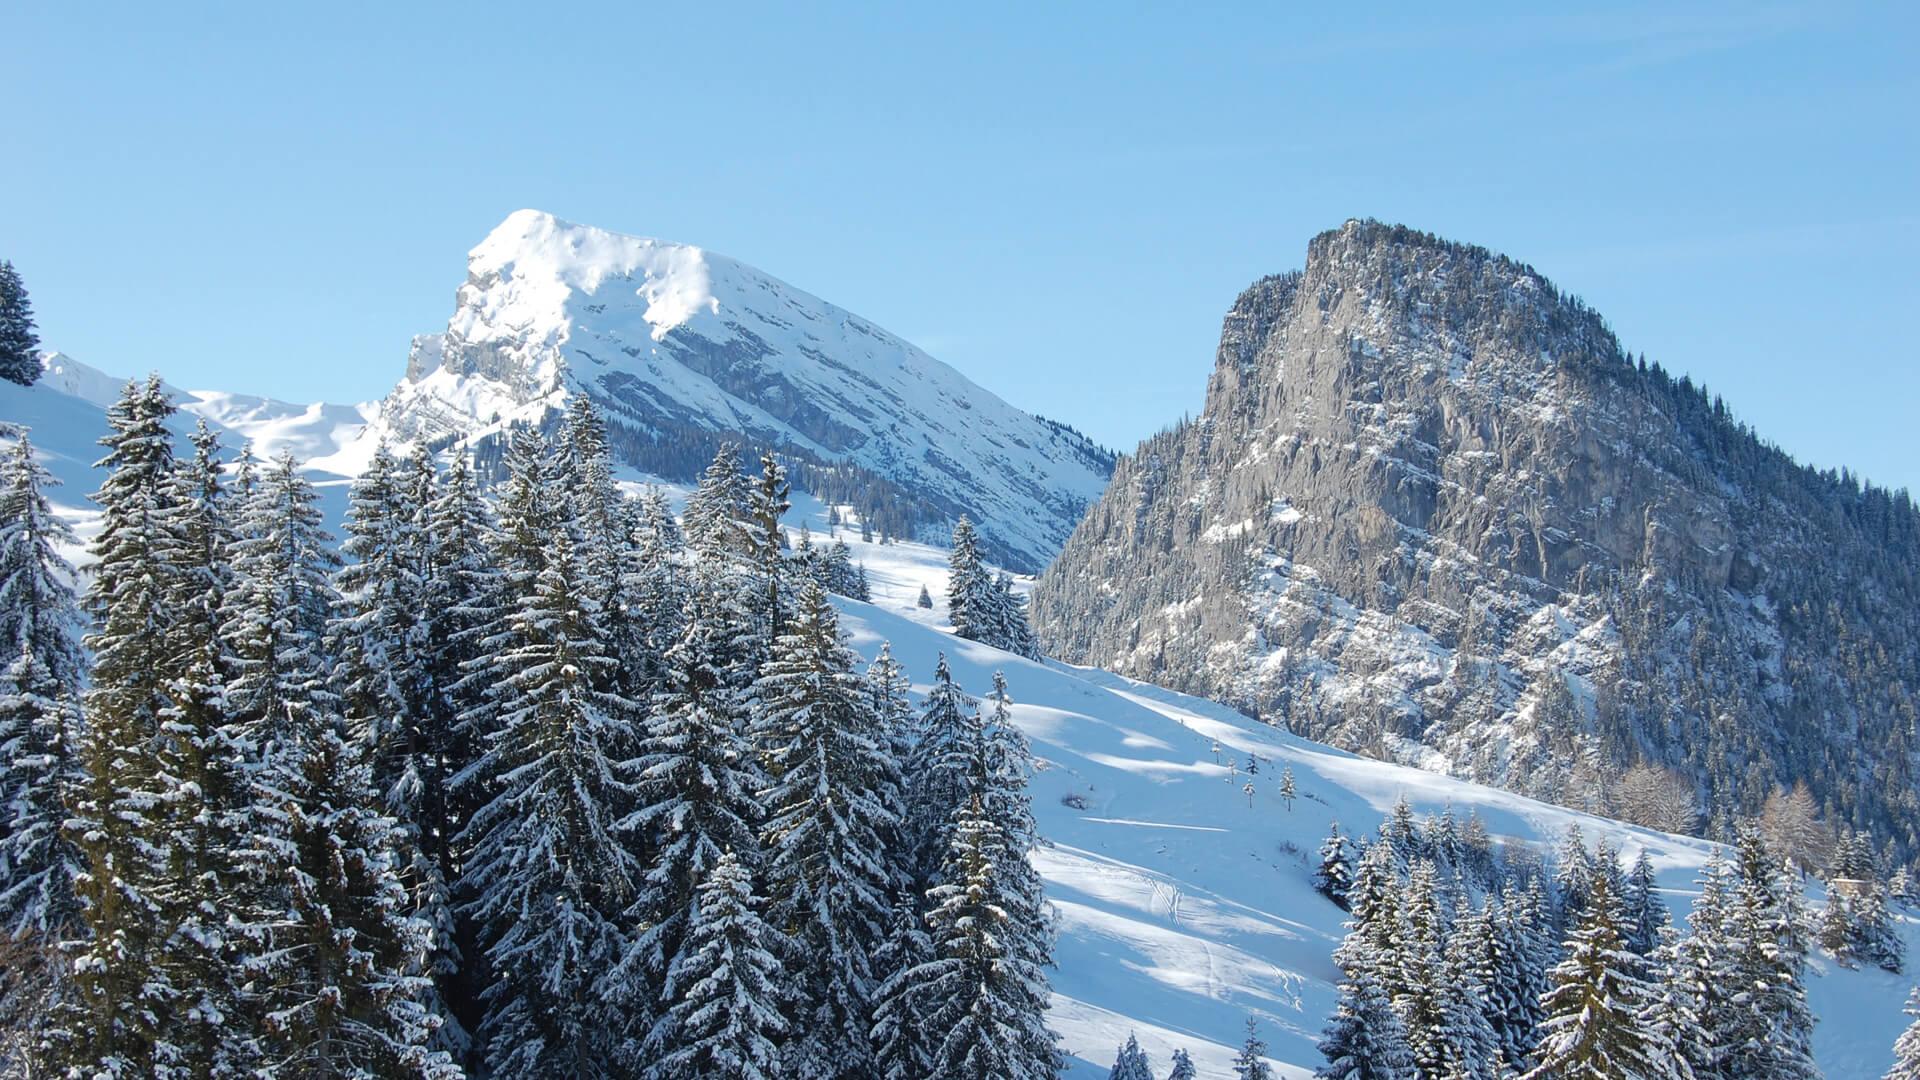 wiriehorn-schneeschuh-wandern-winter-schnee